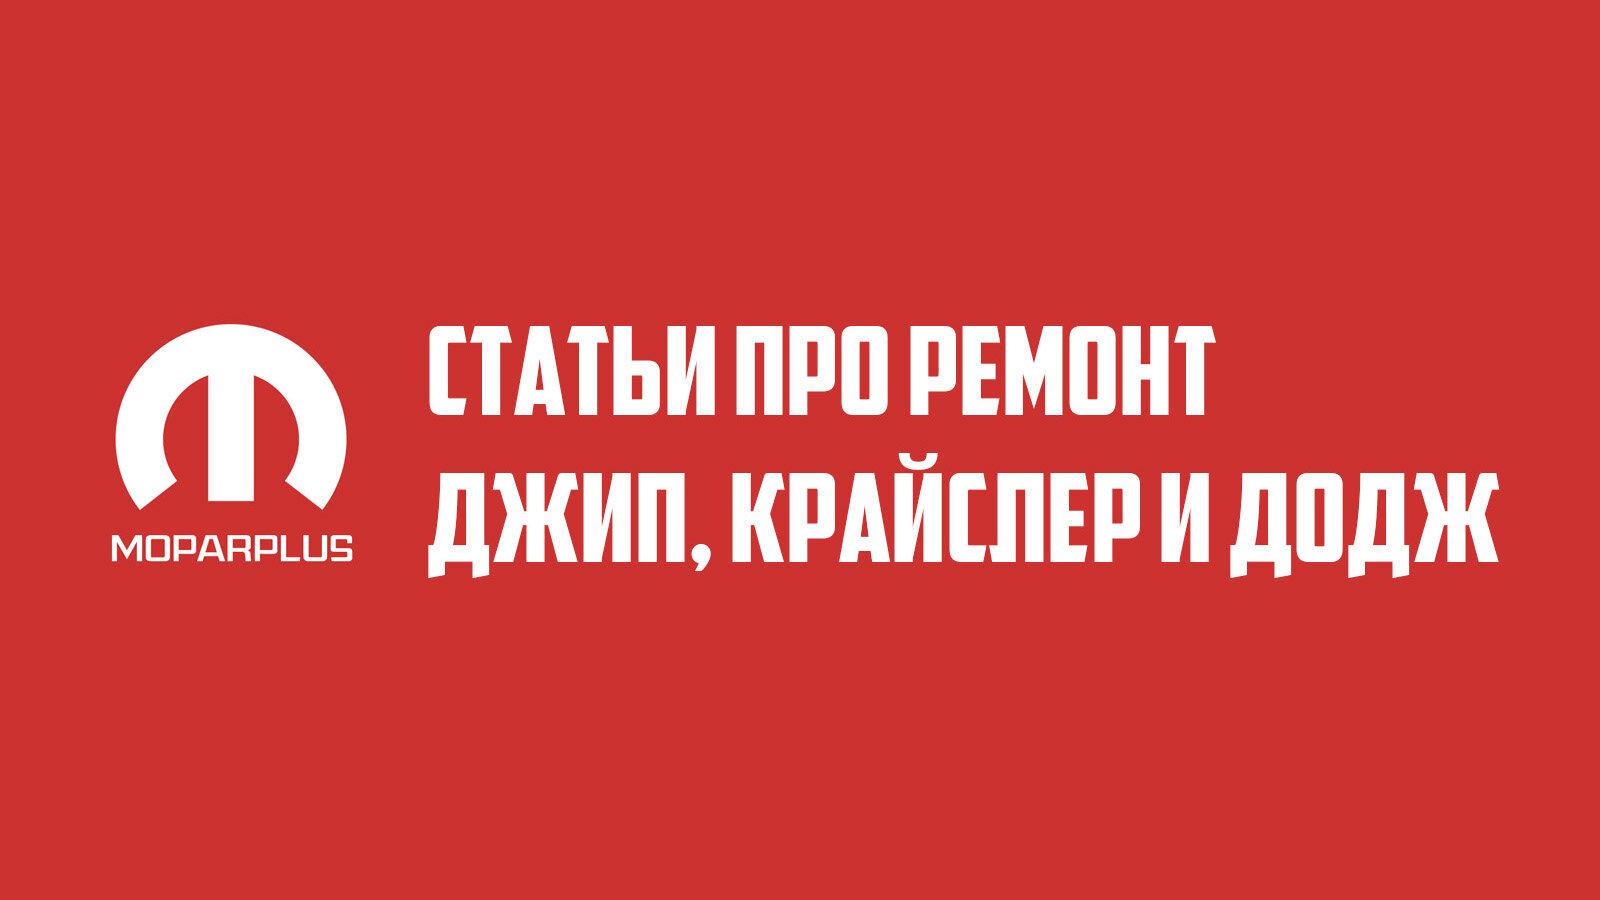 Статьи про ремонт. Выпуск №65.